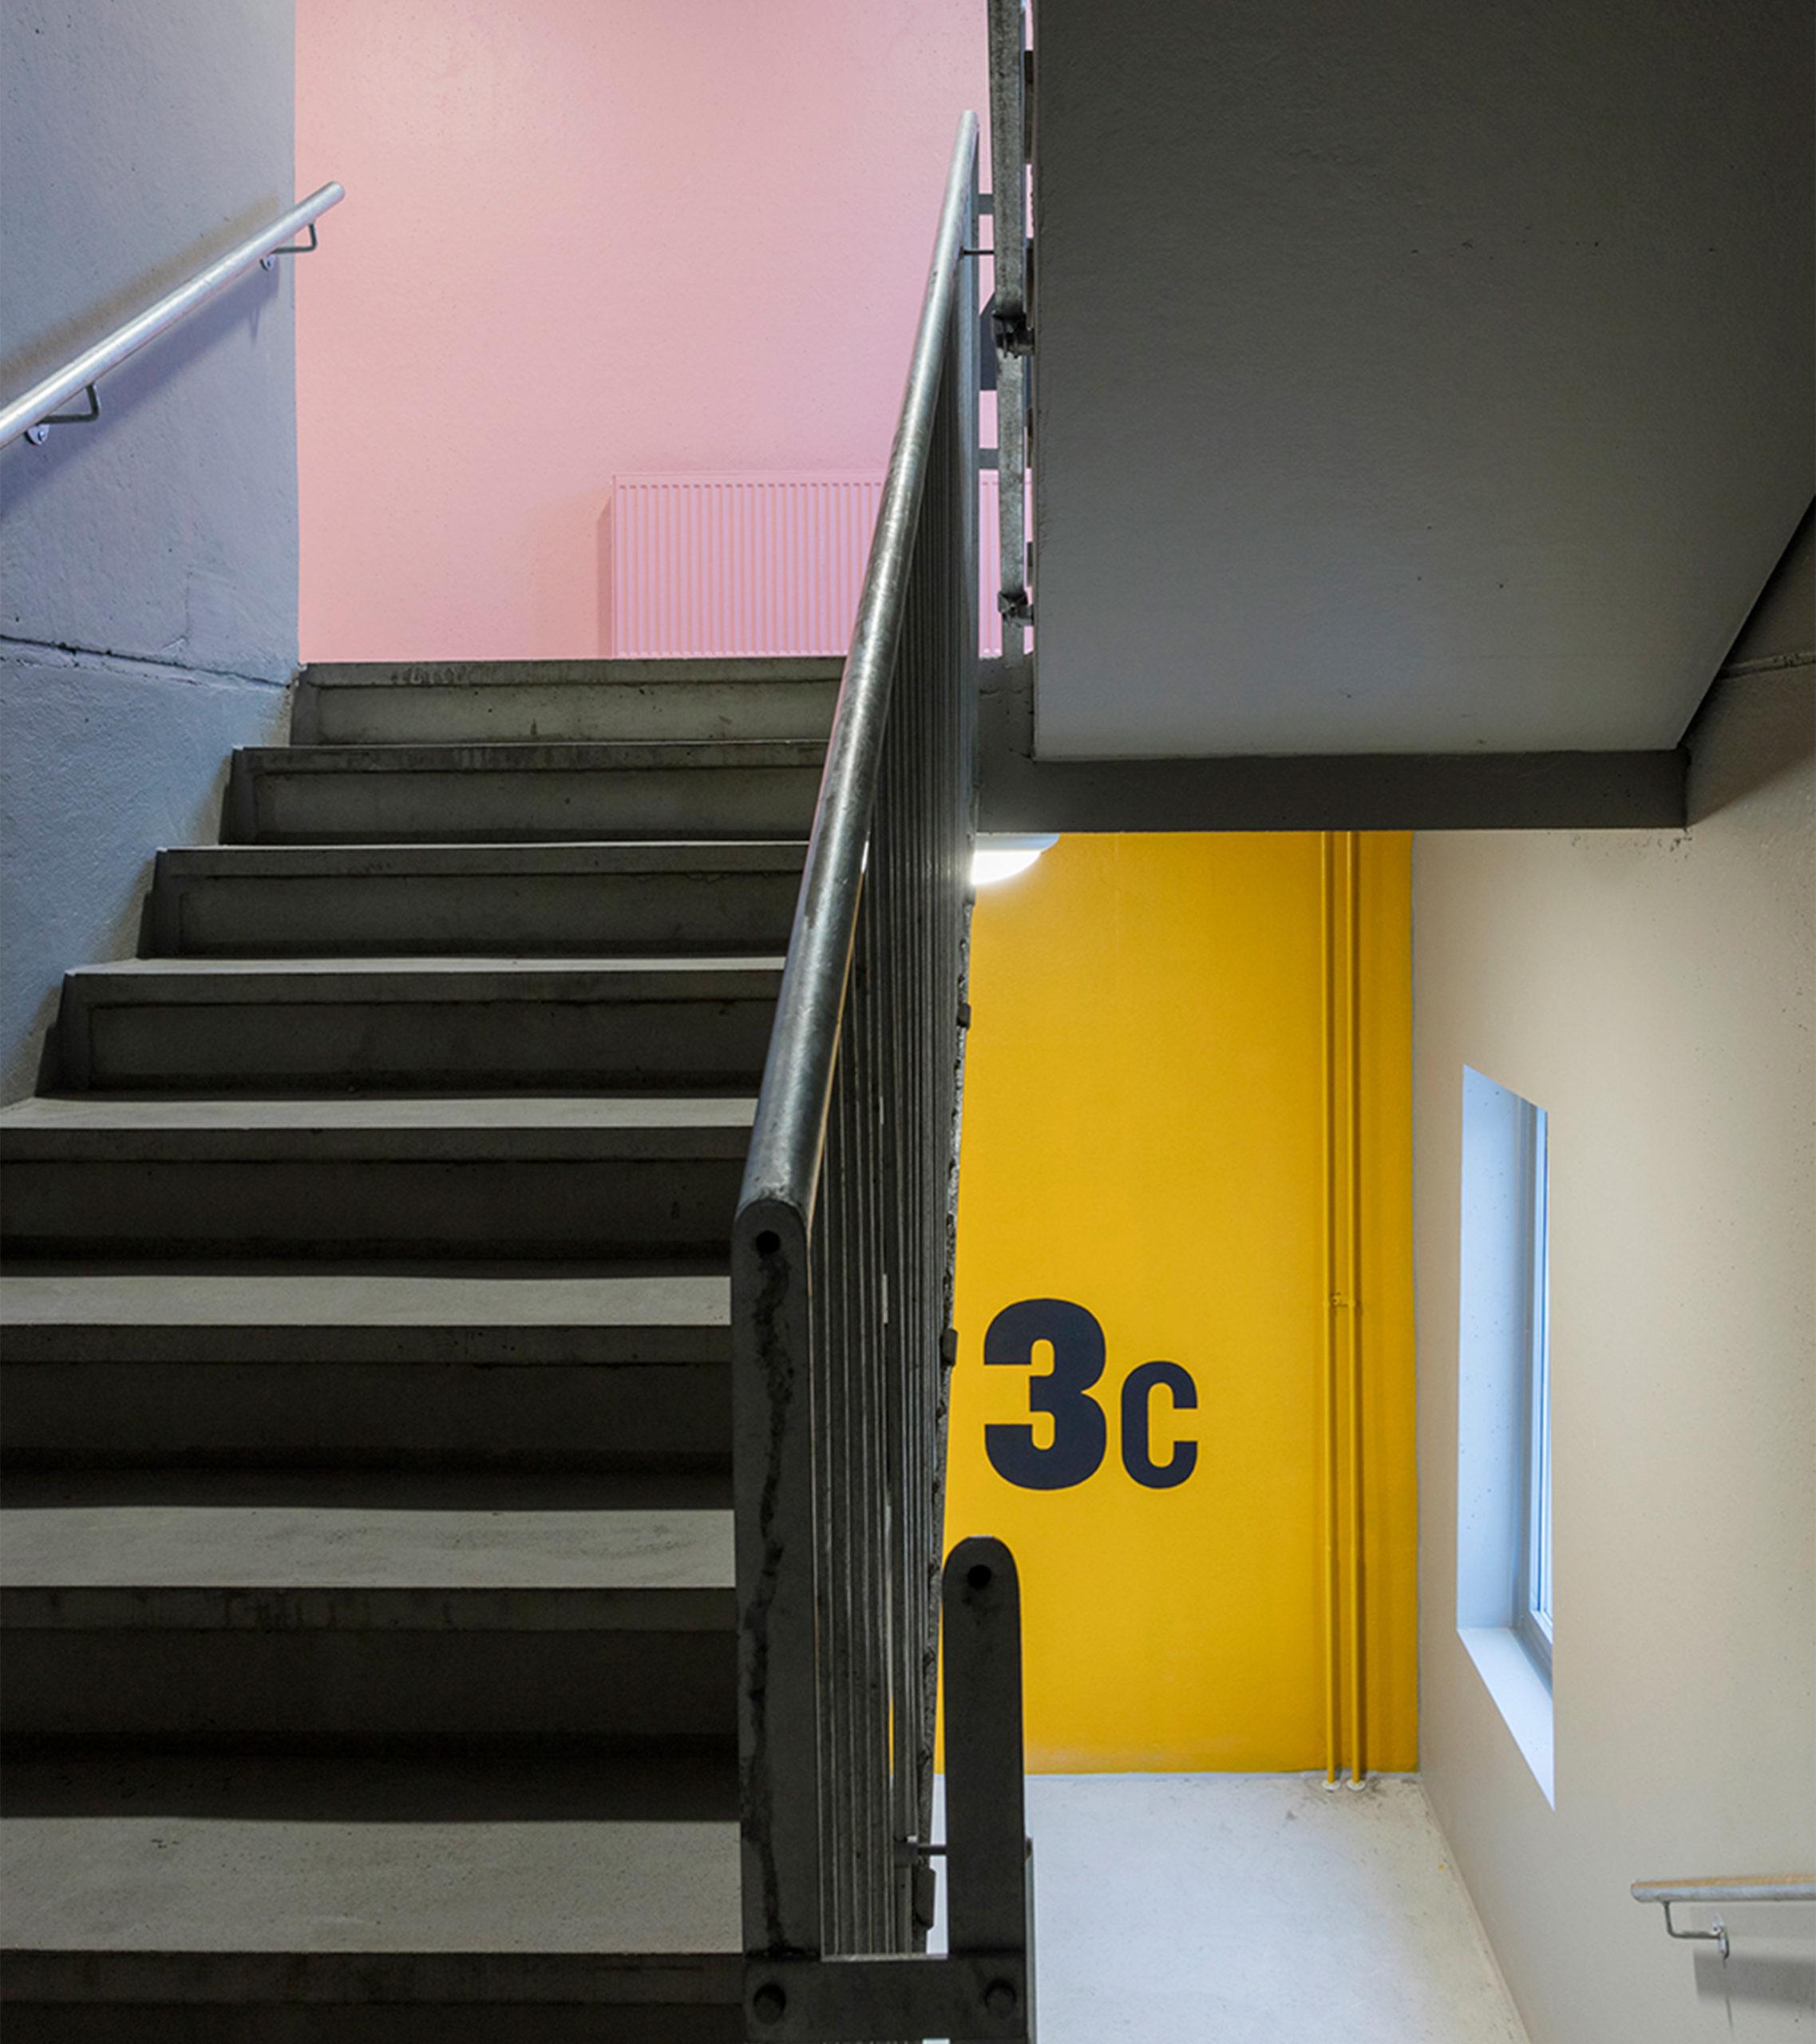 P-pergamentti-paikoitustalon kerrostunnisteet portaissa